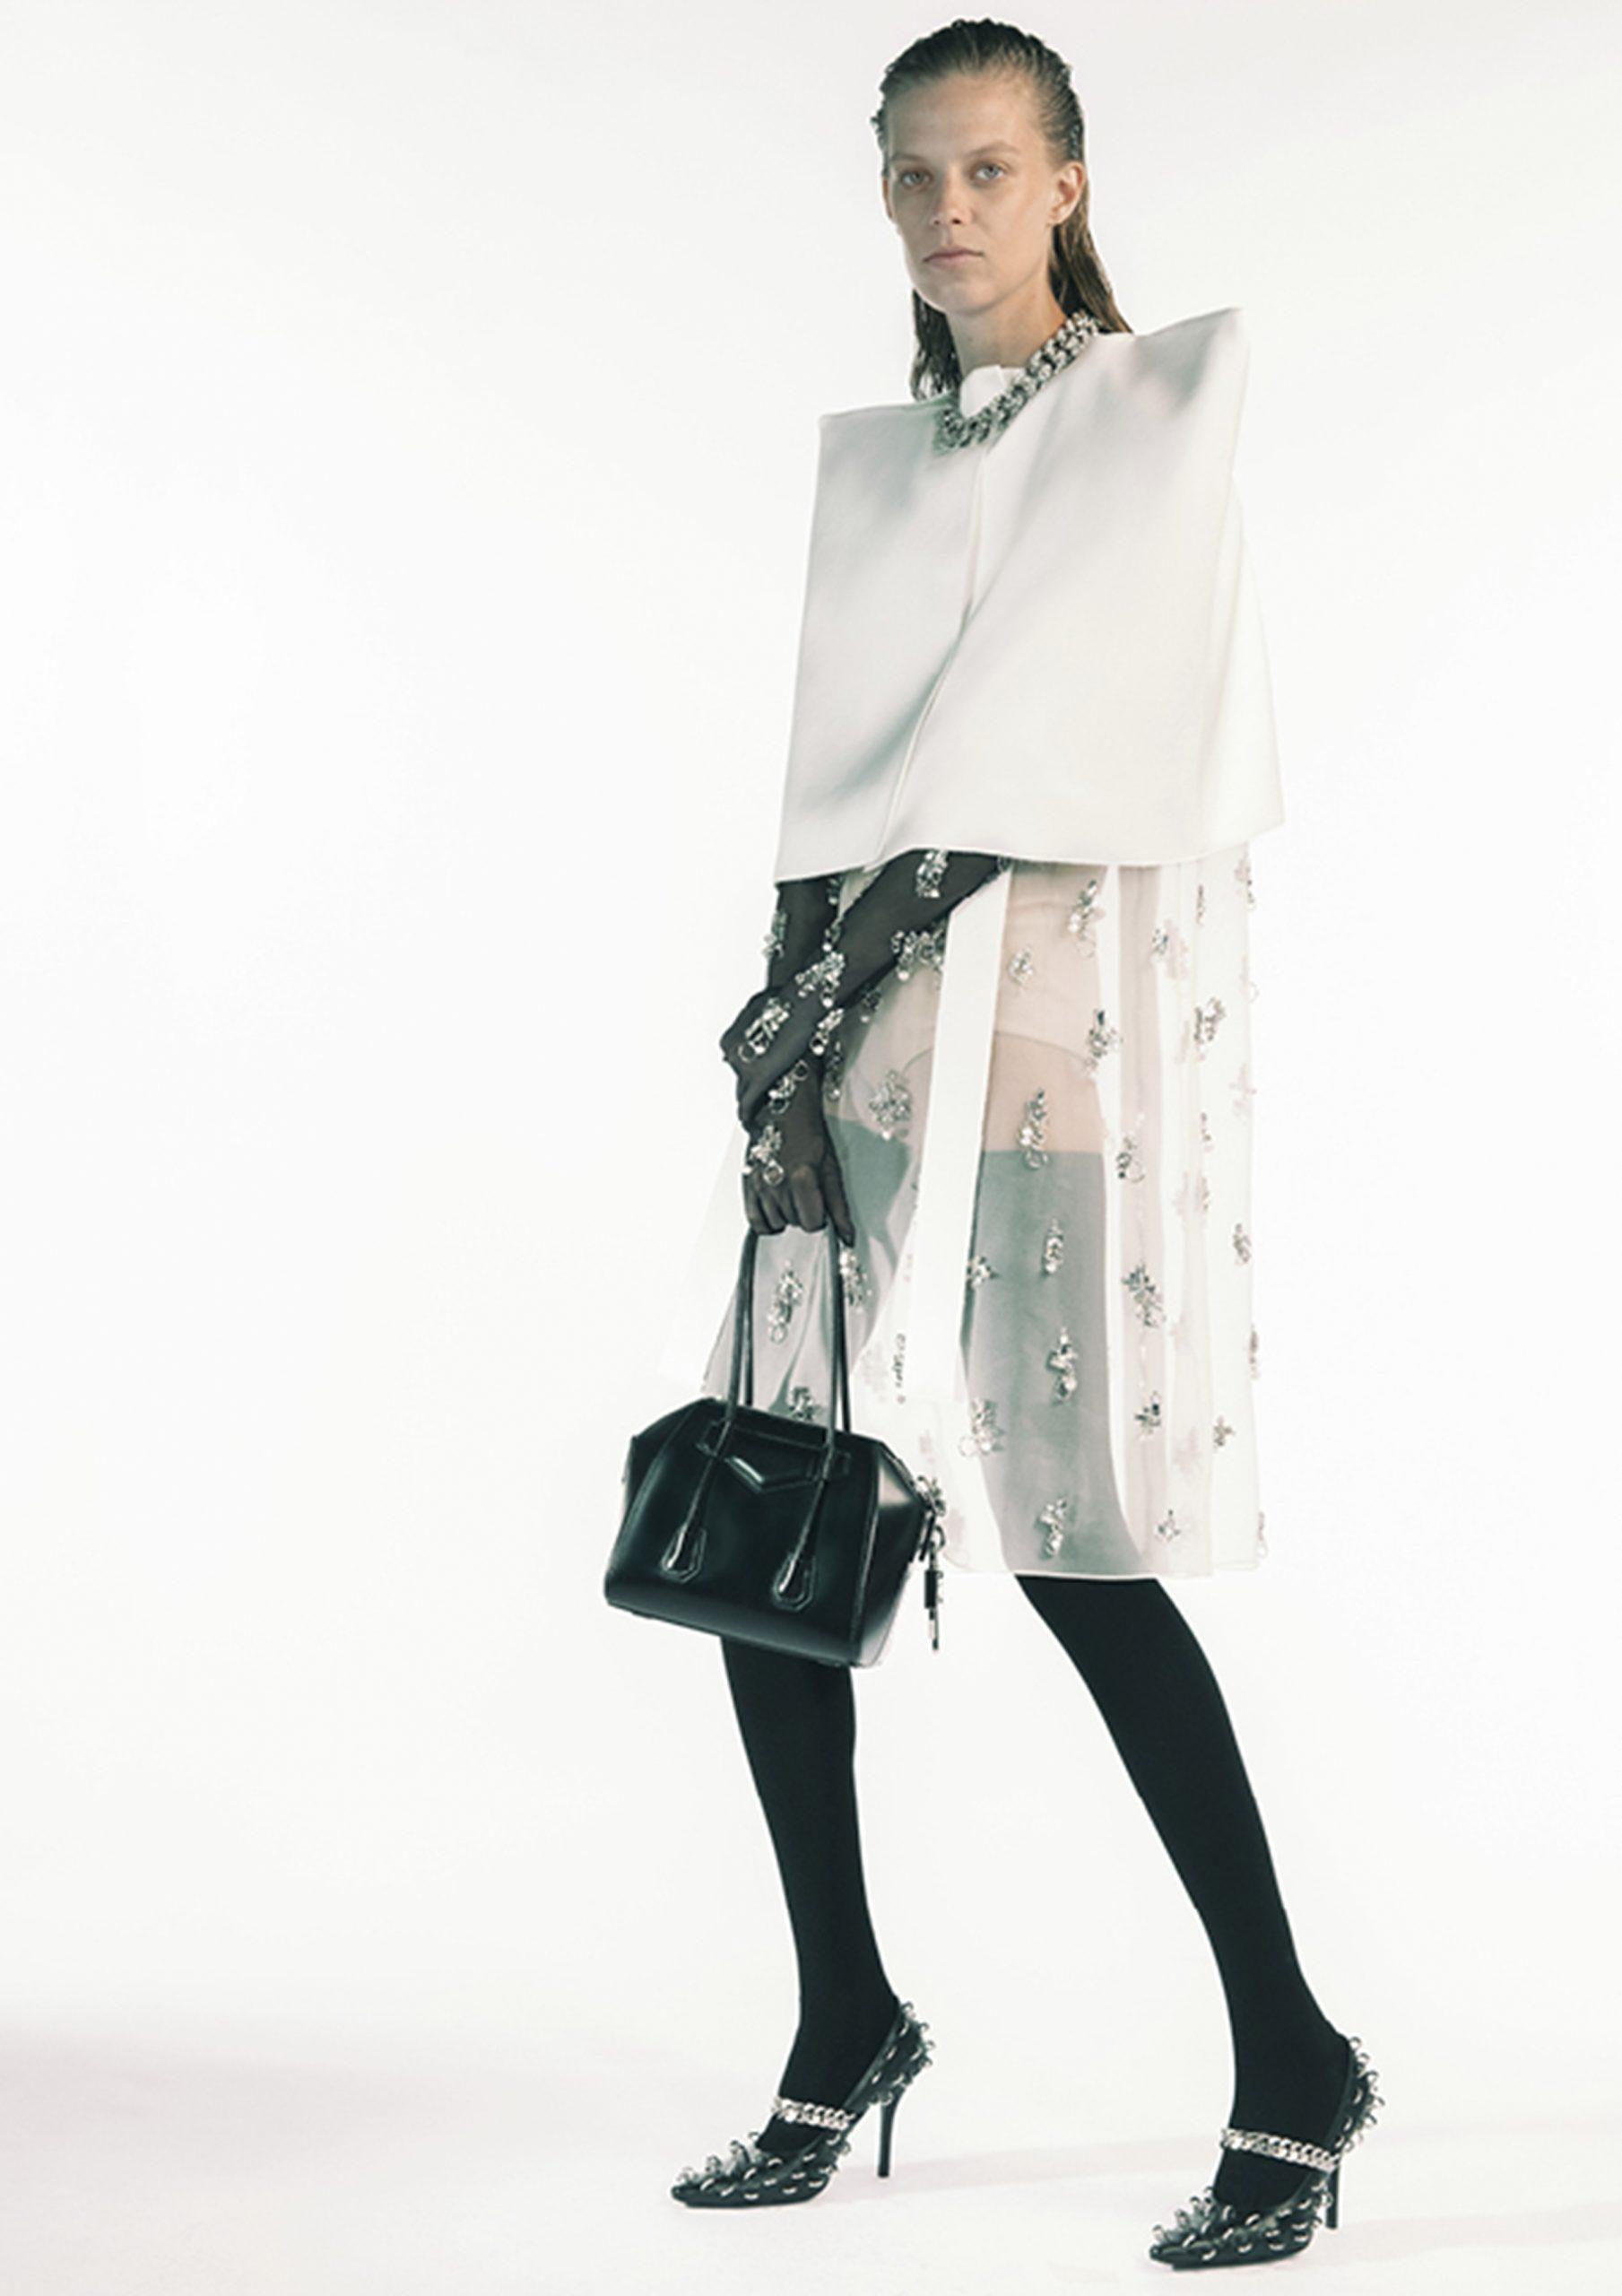 5. kép: Párizsi divathét - 2021 tavasz-nyár - ready to wear - Givenchy